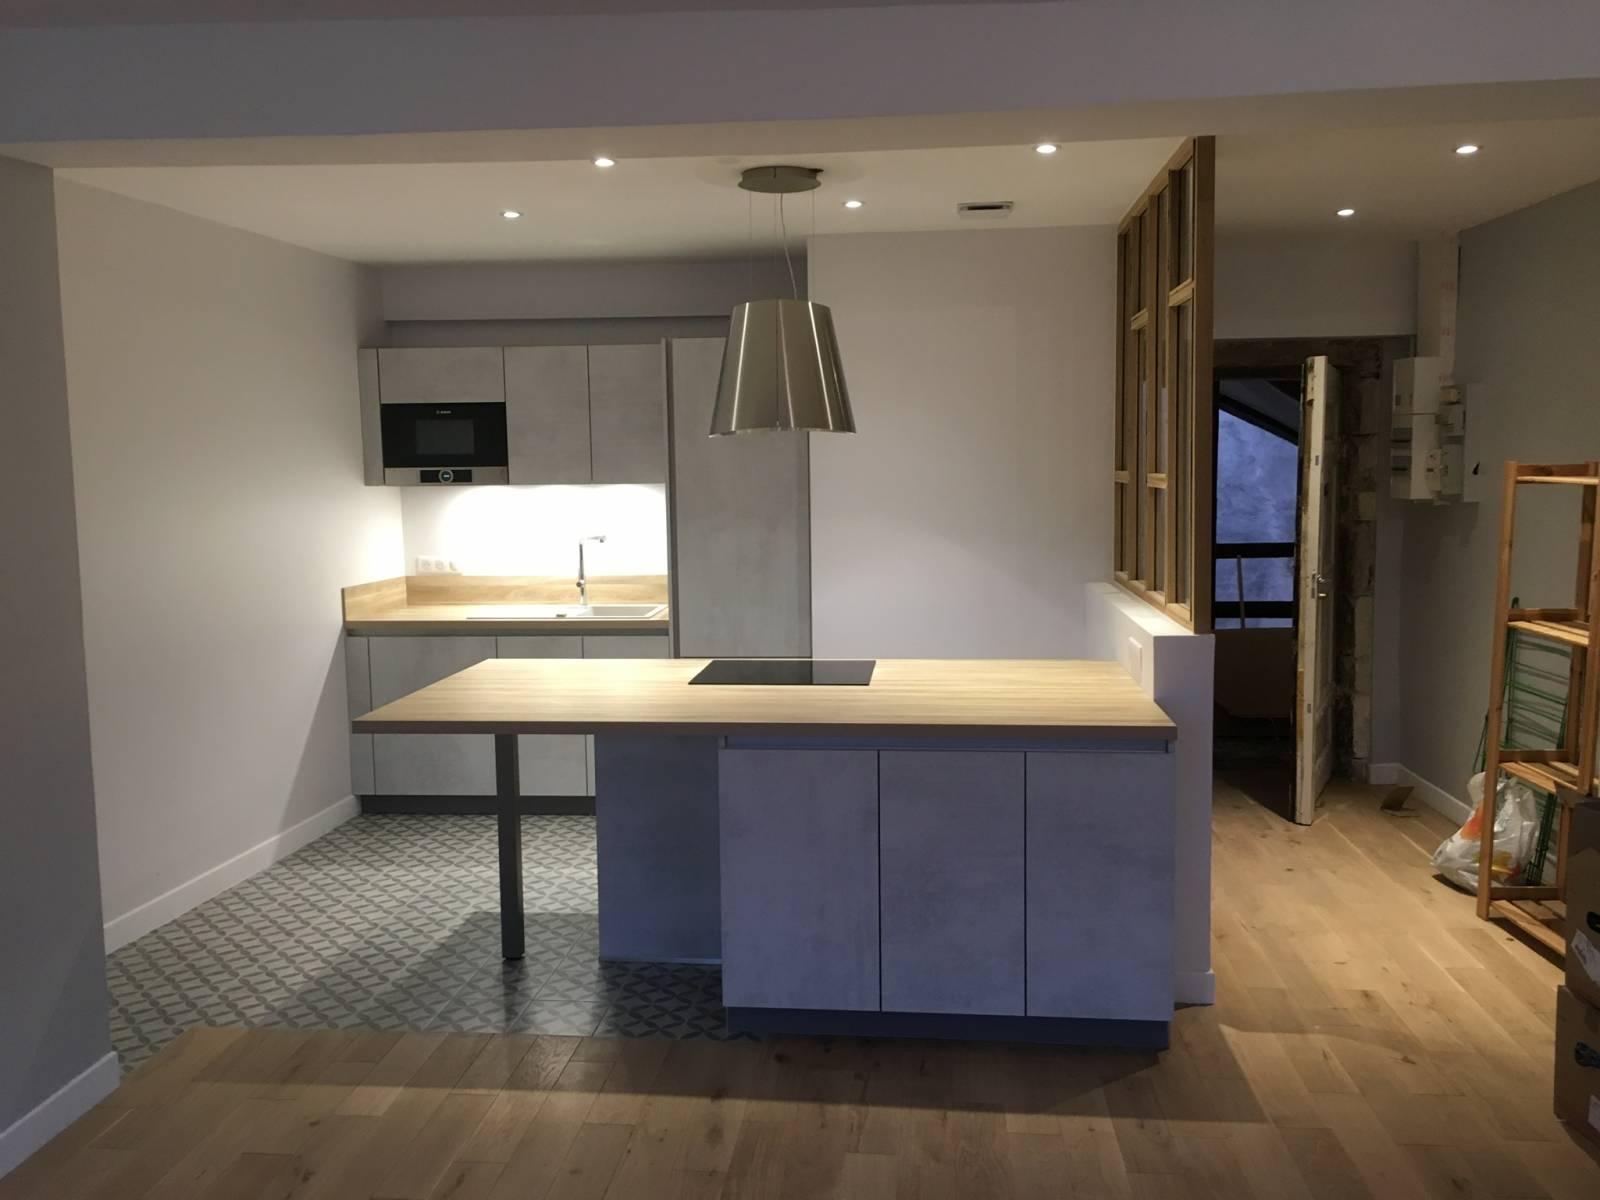 cuisine avec verriere bois lyon 6 cuisiniste haut de gamme lyon am nagement cuisine. Black Bedroom Furniture Sets. Home Design Ideas